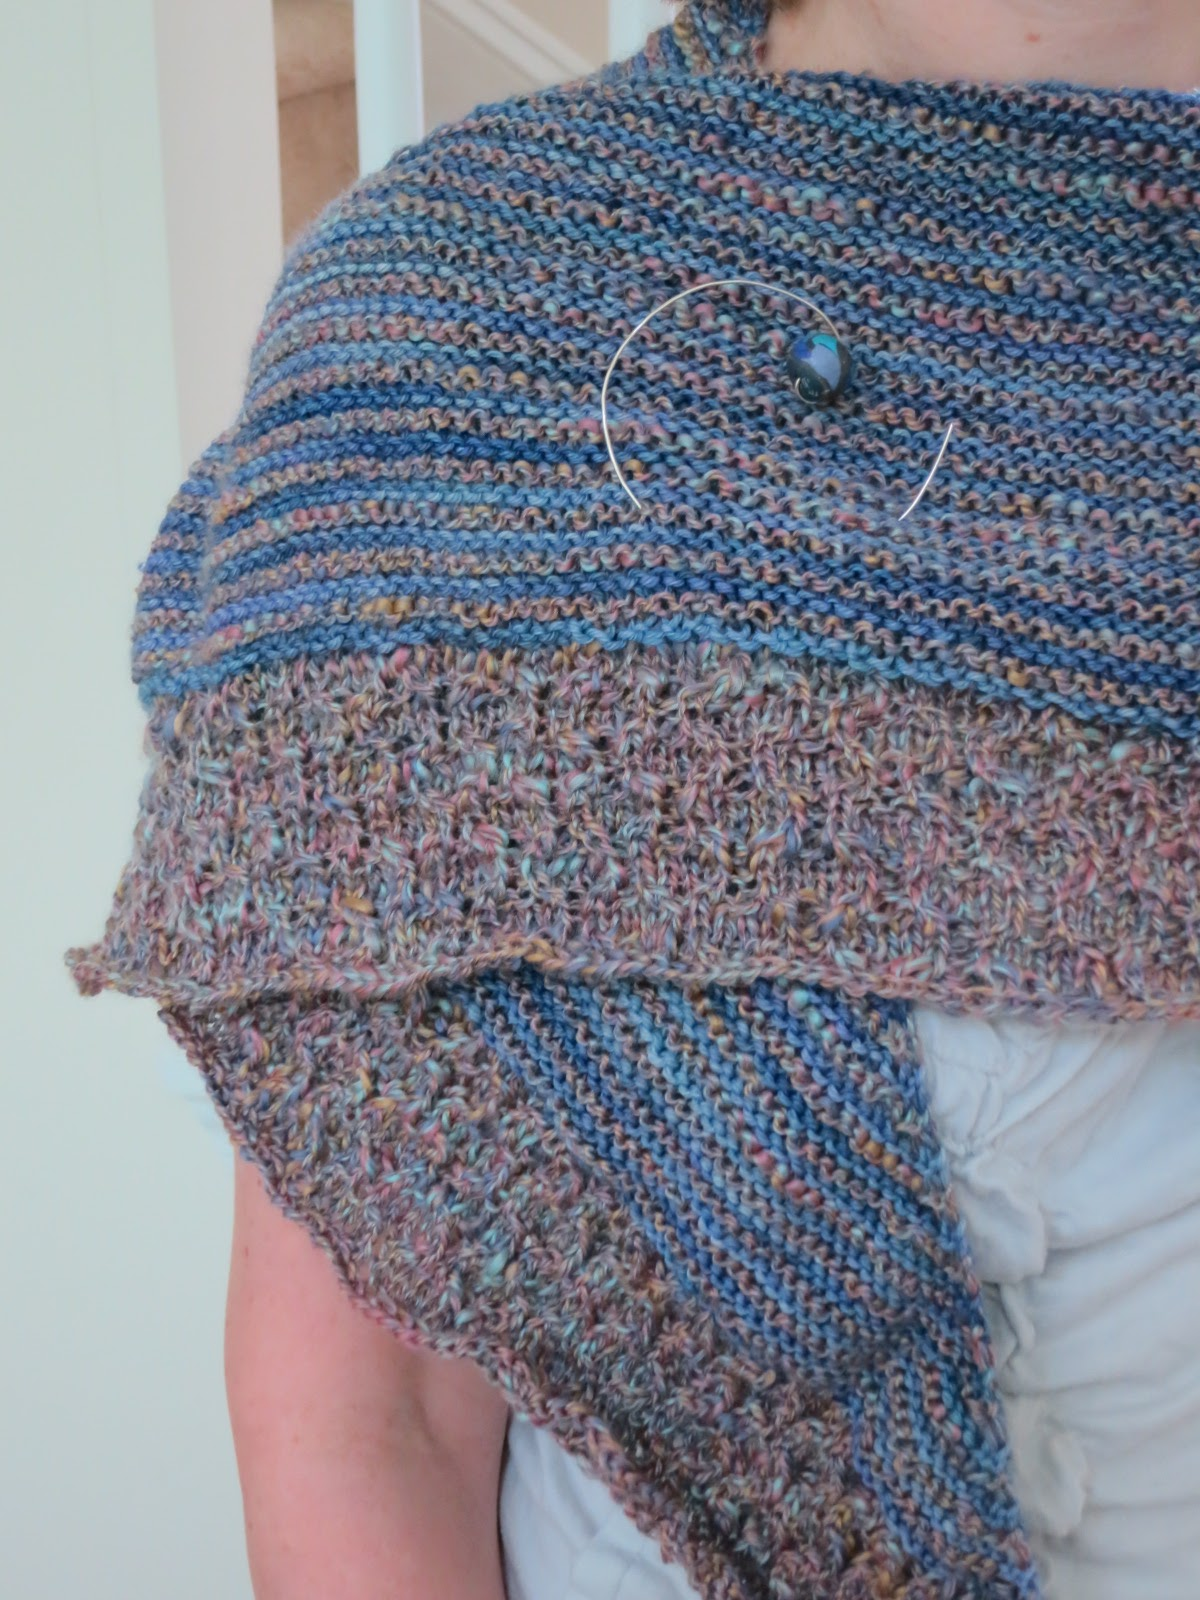 New Knitting Patterns Free : The Fuzzy Lounge: New FREE Knitting Pattern: Crossroads Textured Shawl